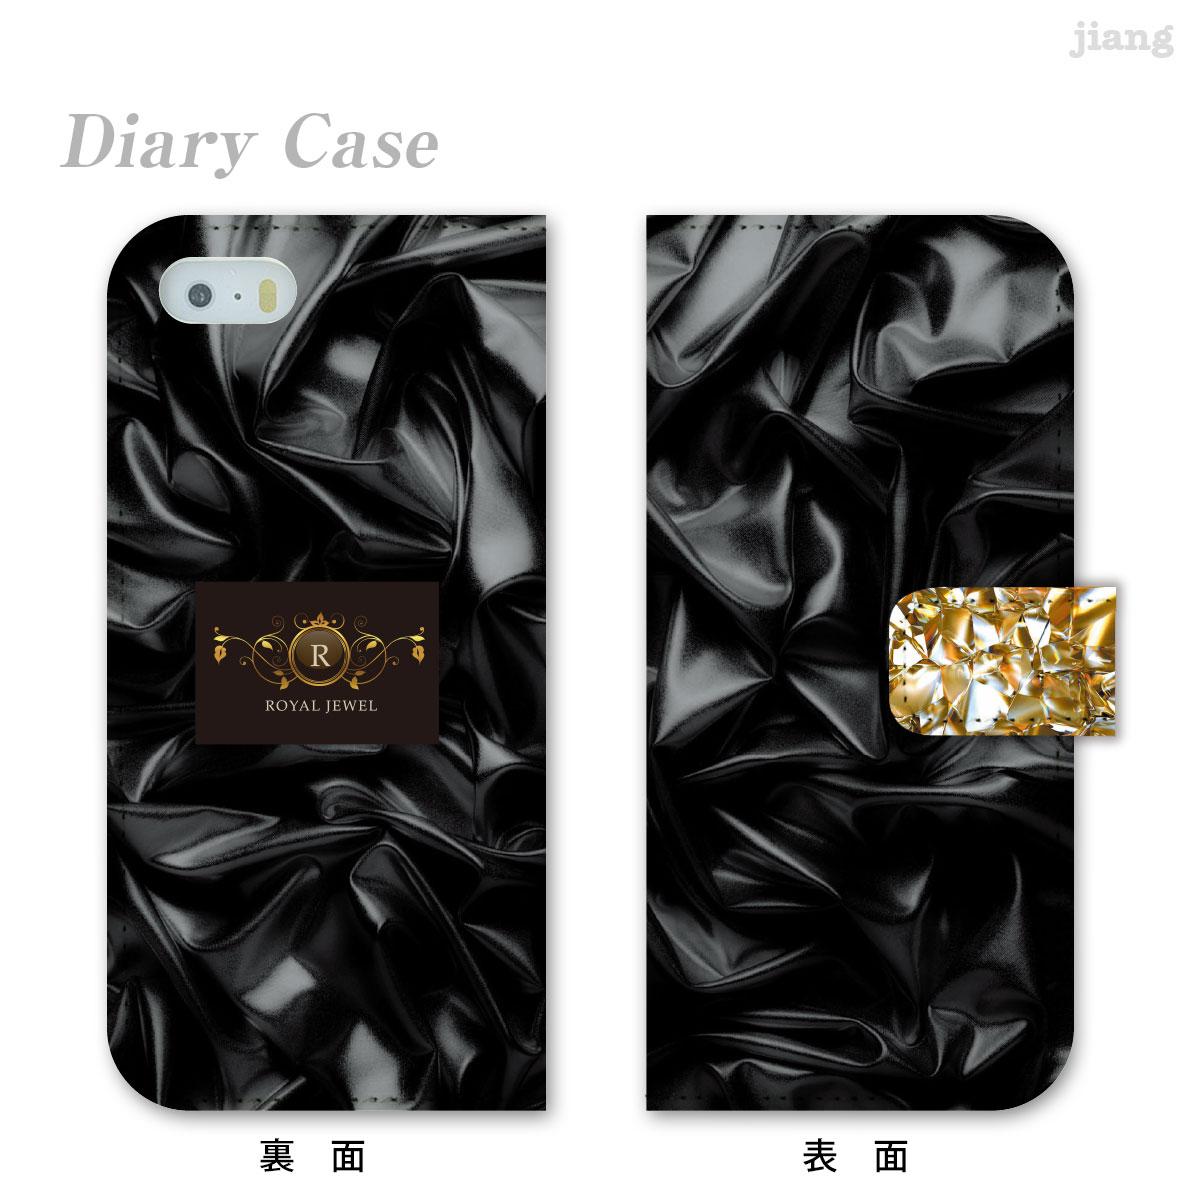 スマホケース 手帳型 全機種対応 手帳 ケース カバー レザー iPhoneXS Max iPhoneXR iPhoneX iPhone8 iPhone7 iPhone Xperia 1 SO-03L SOV40 Ase XZ3 SO-01L XZ2 SO-05K XZ1 XZ aquos R3 sh-04l shv44 R2 sh-04k sense2 galaxy S10 S9 S8 ゴジャスジュエリー 01-ip5-ds2376